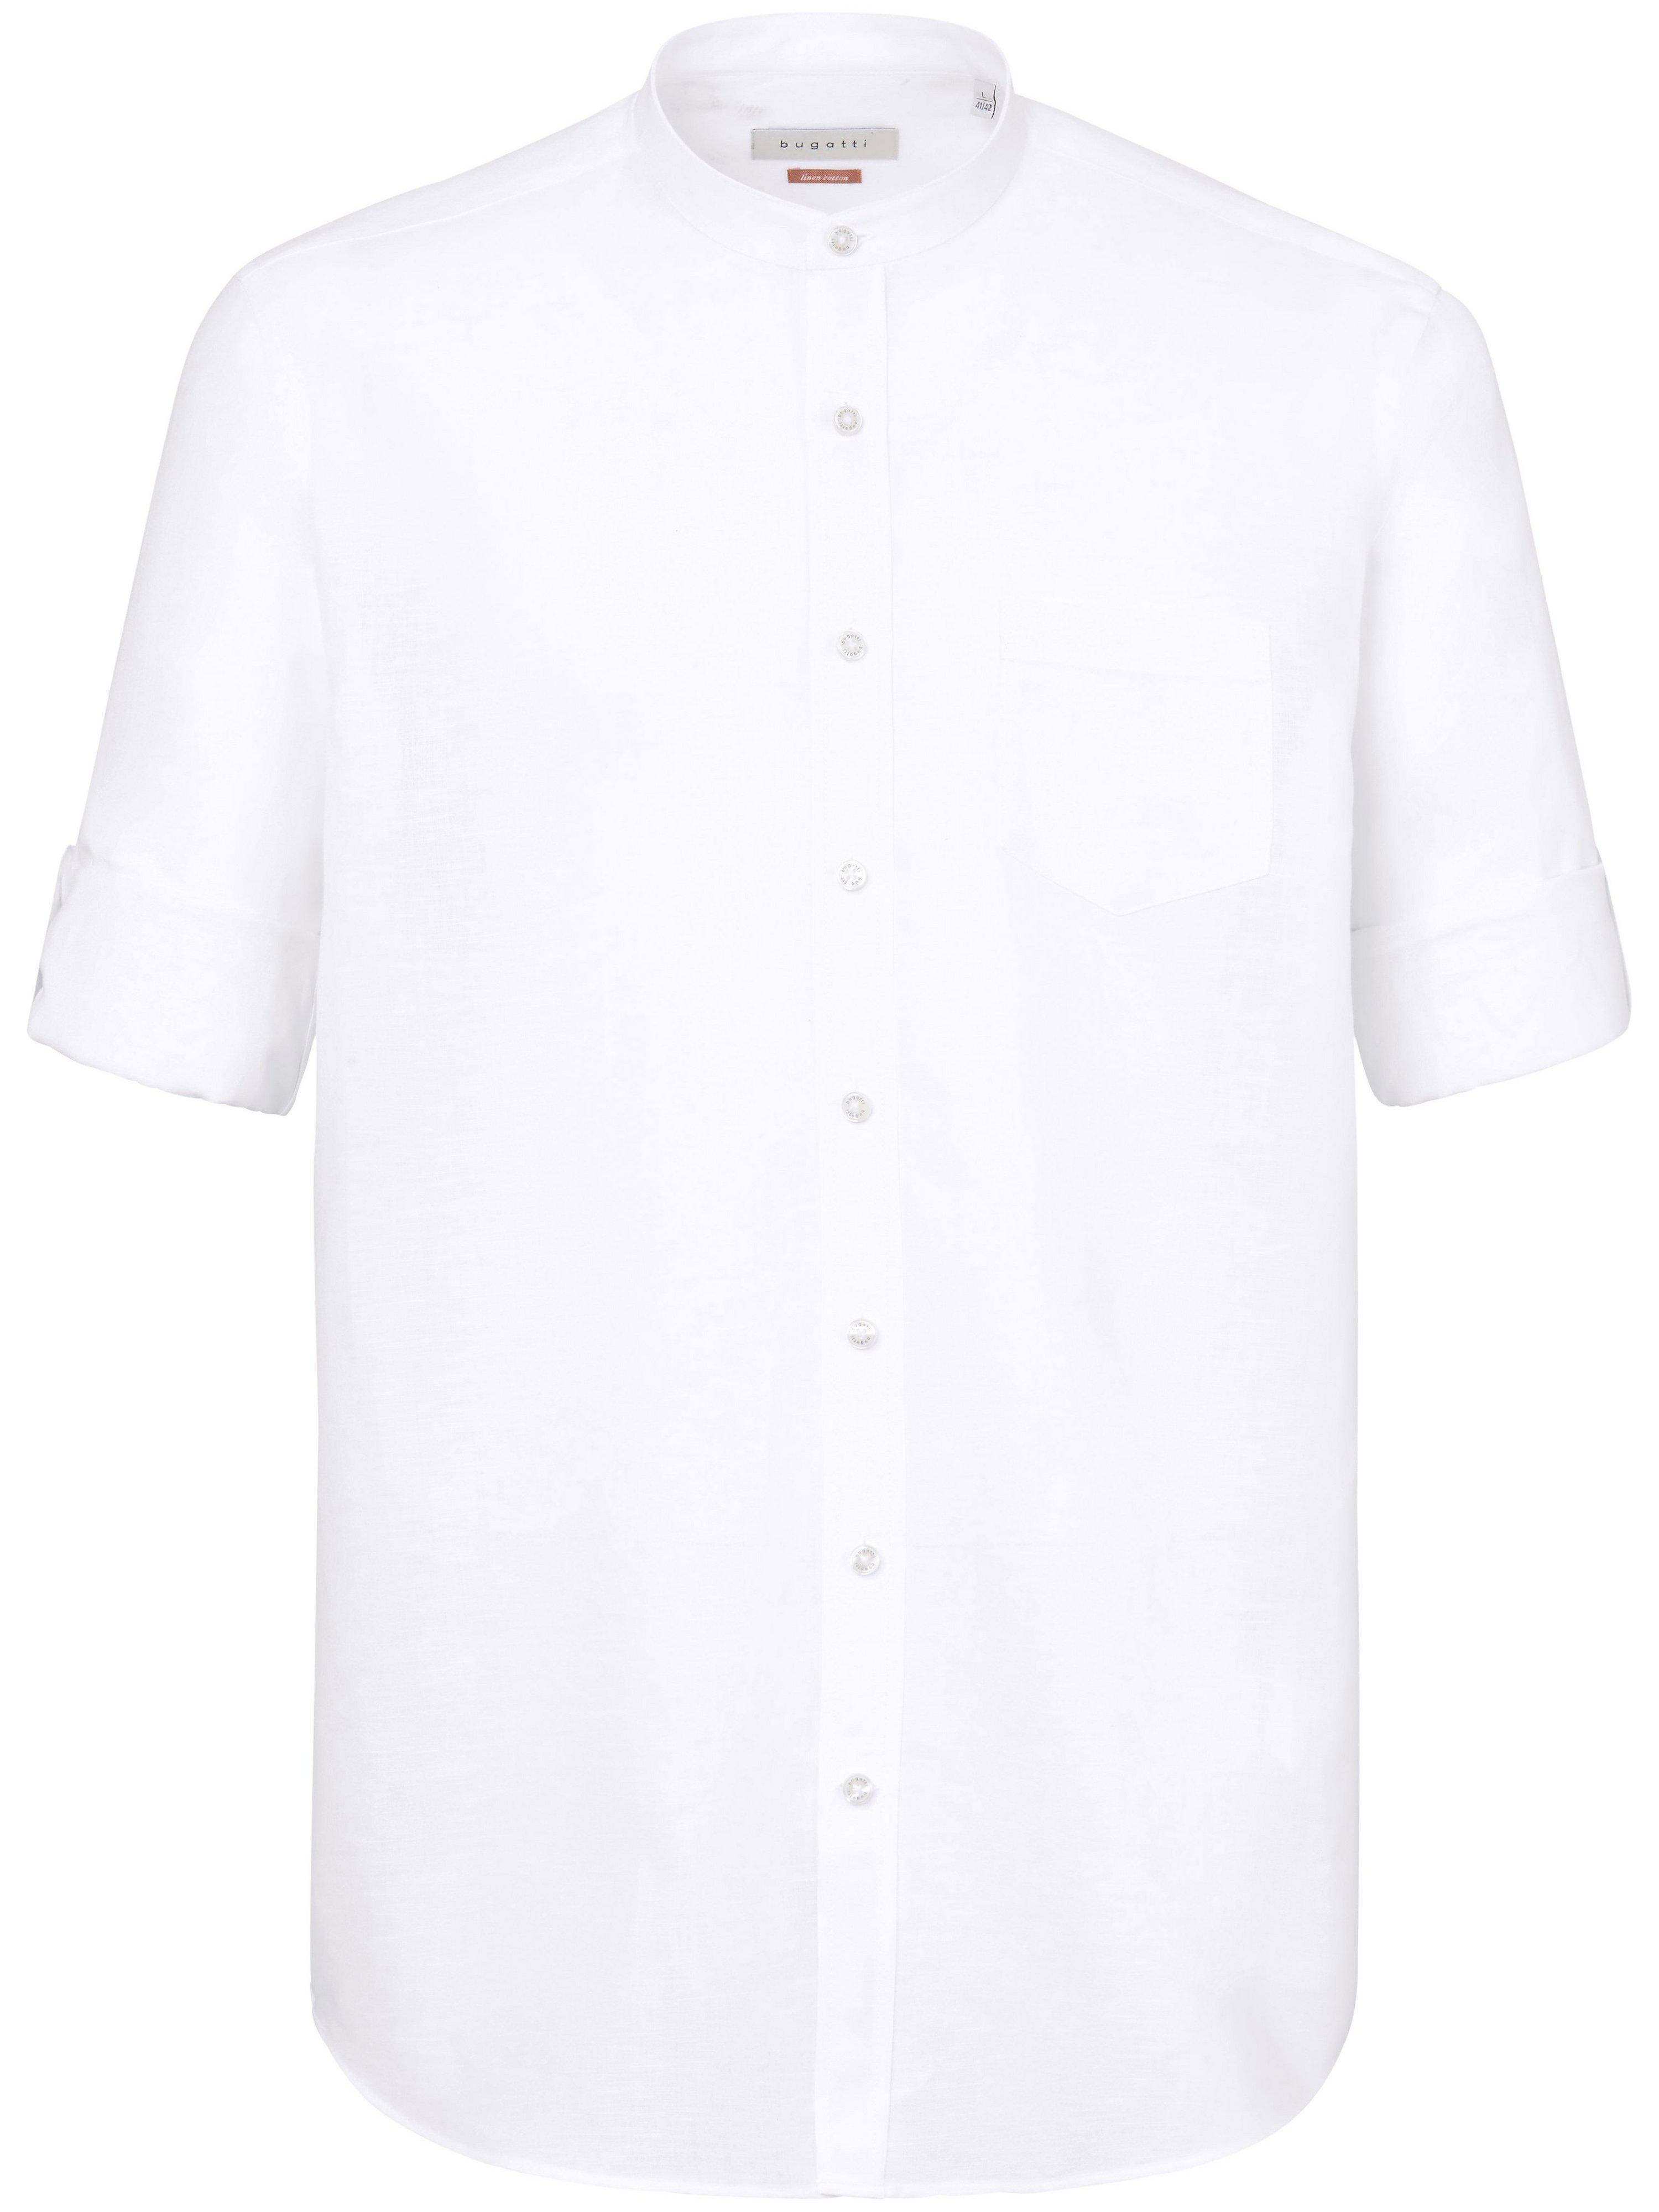 La chemise à col montant  Bugatti blanc taille 43/44